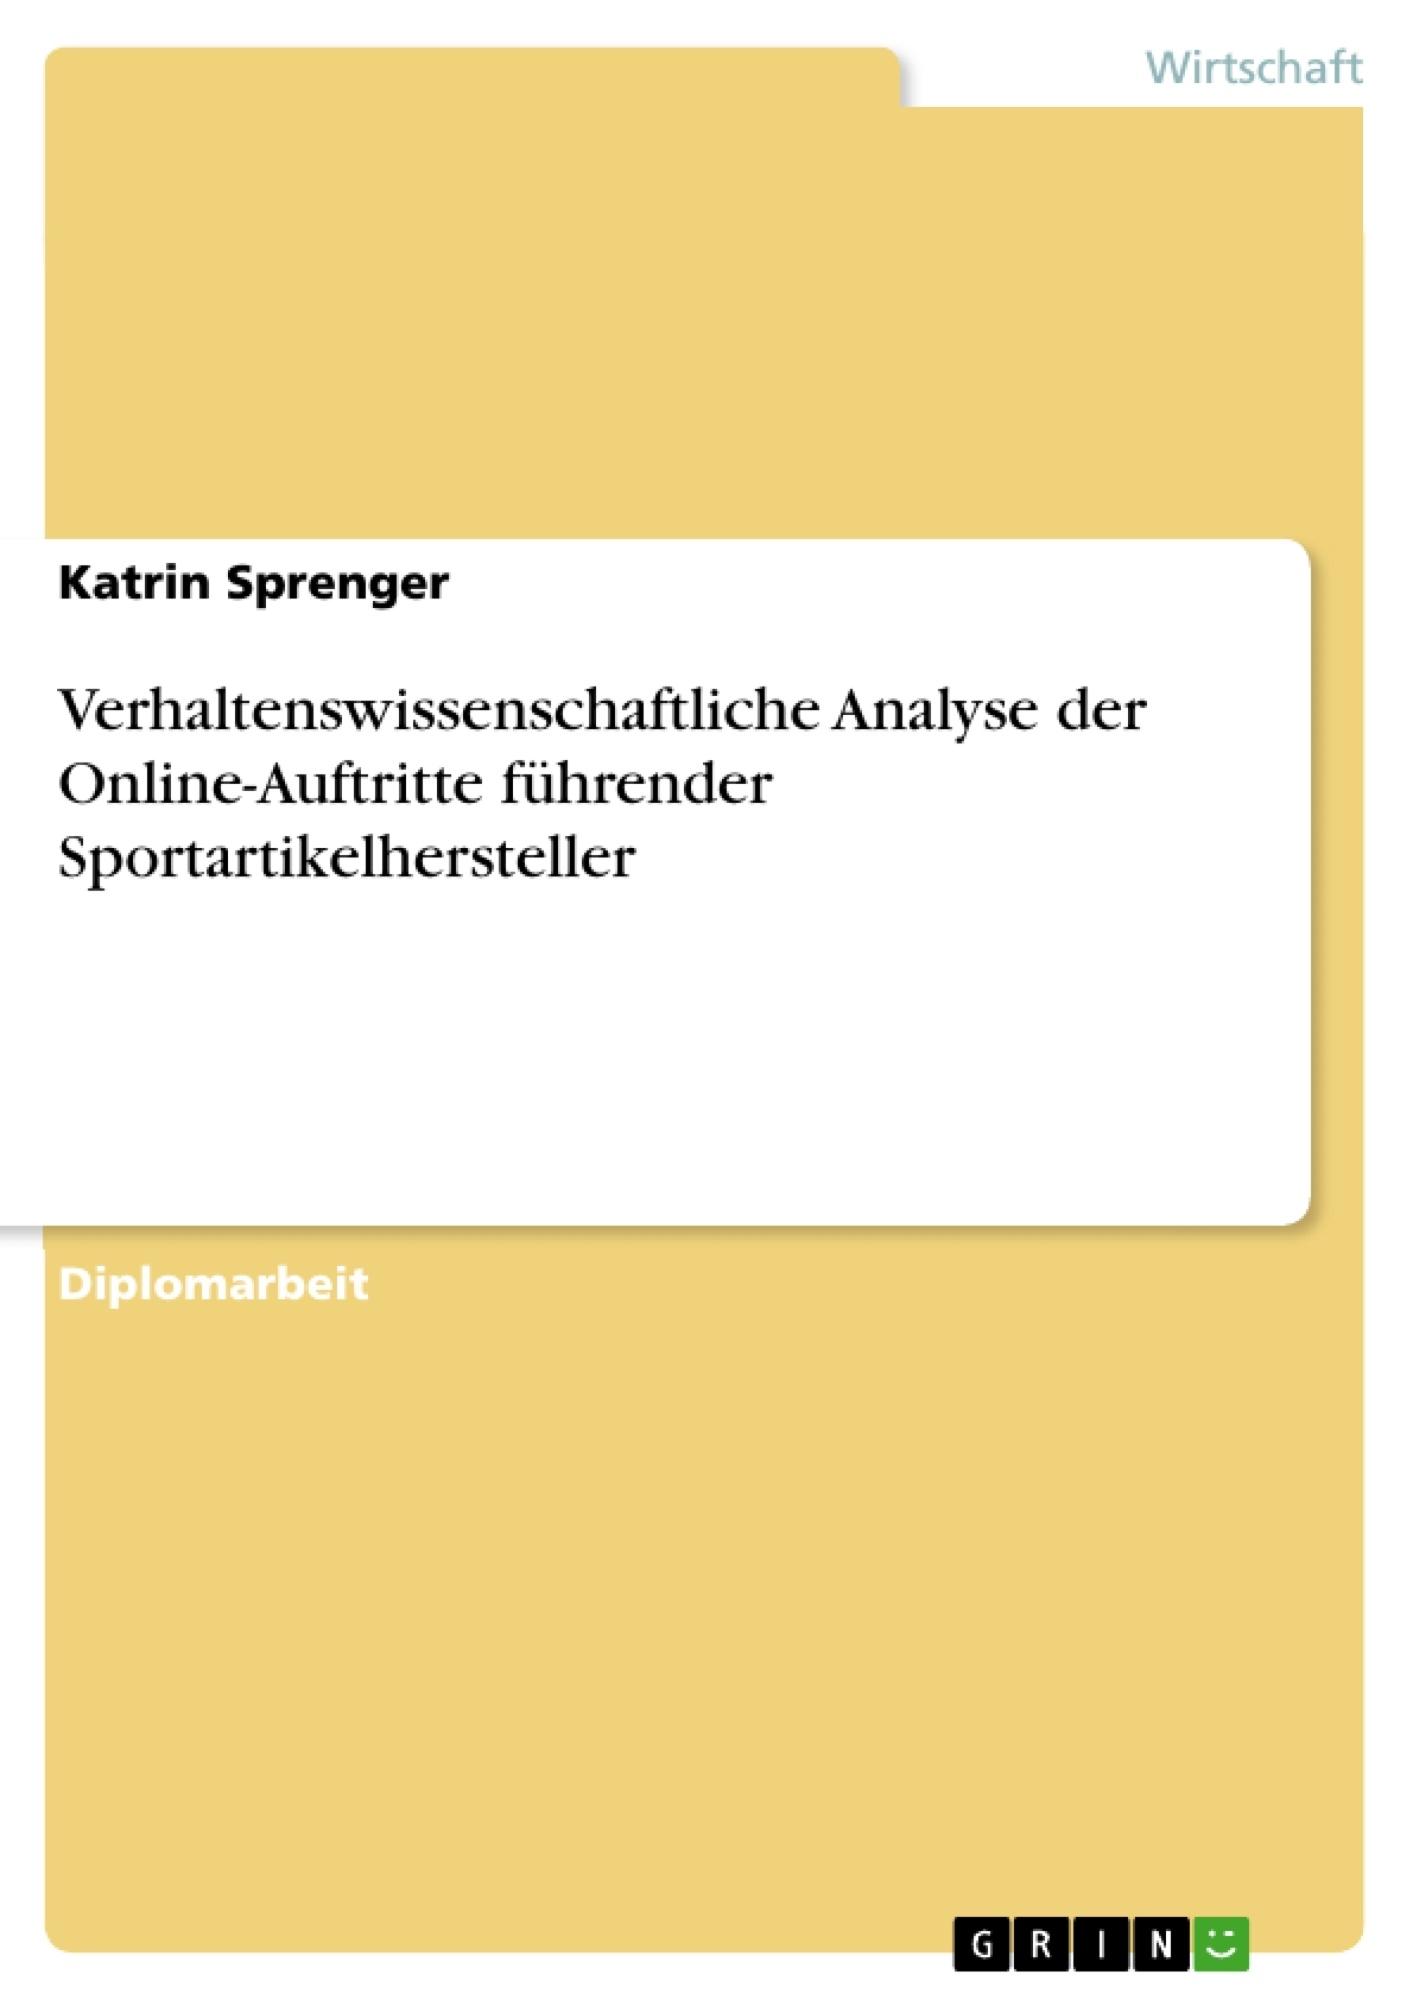 Verhaltenswissenschaftliche Analyse der Online-Auftritte führender ...